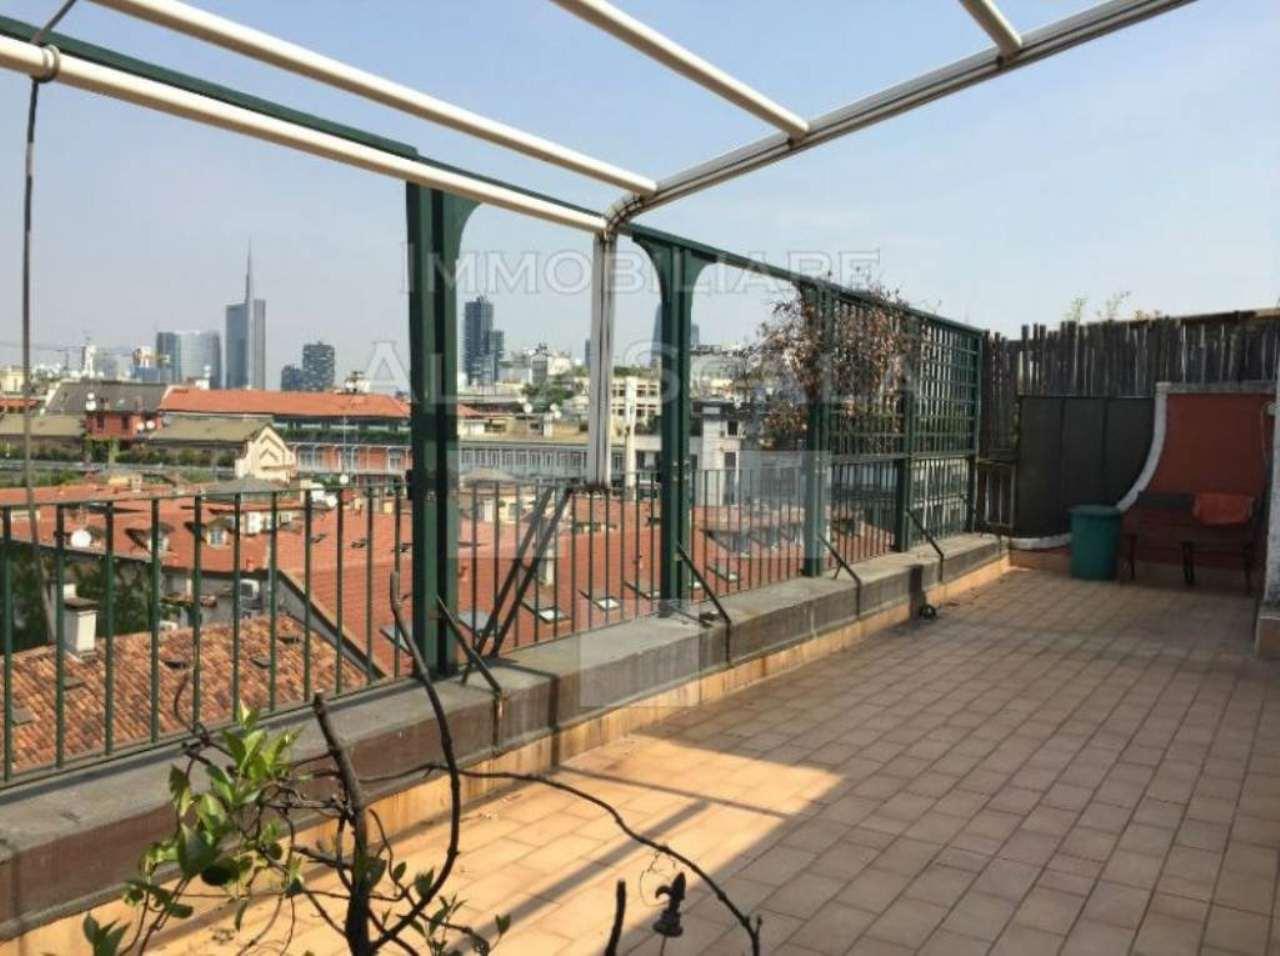 Appartamenti In Affitto A Venezia Centro Storico